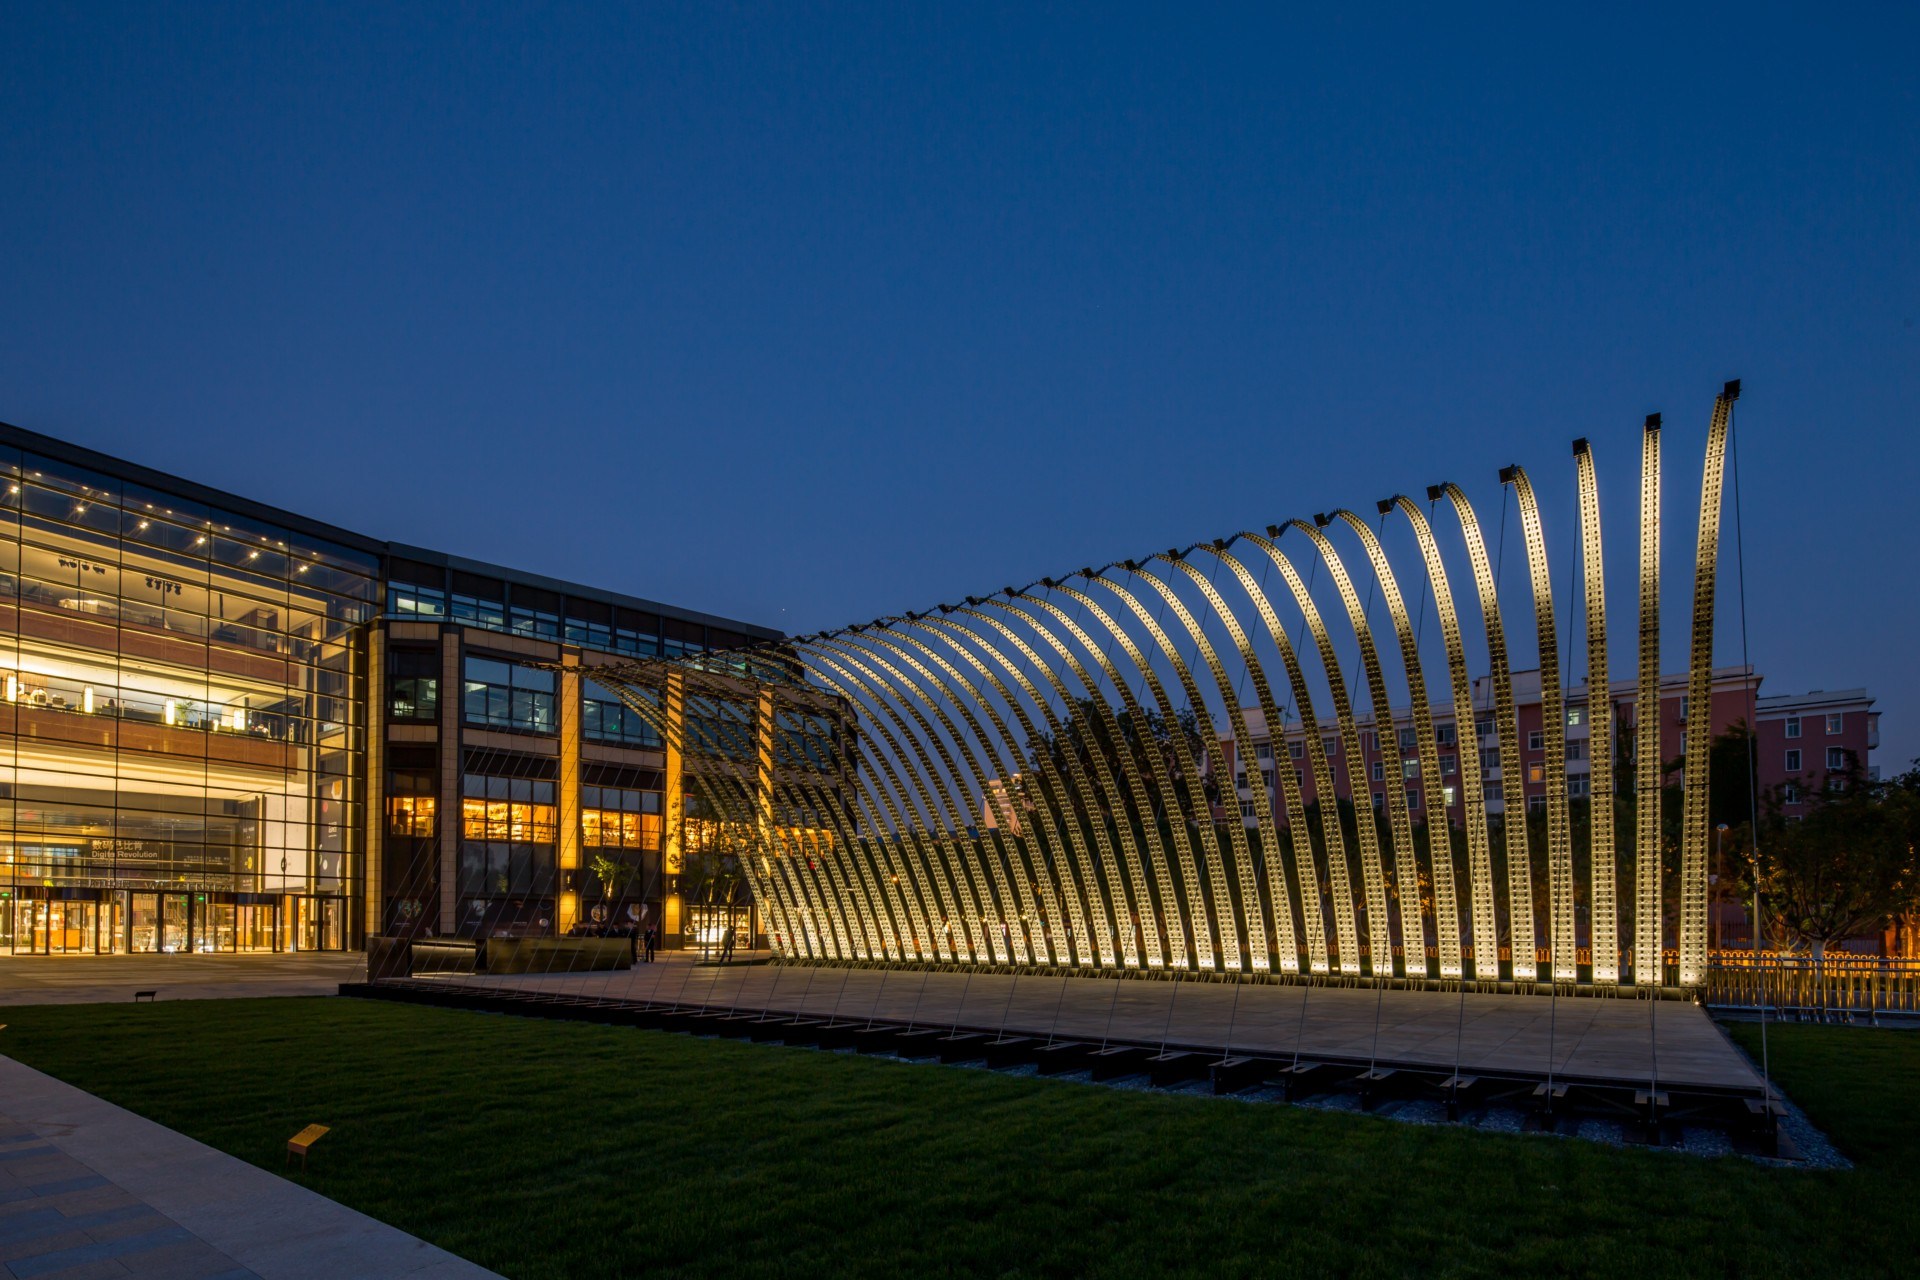 Jiakun Architects first Serpentine Pavilion Beijing